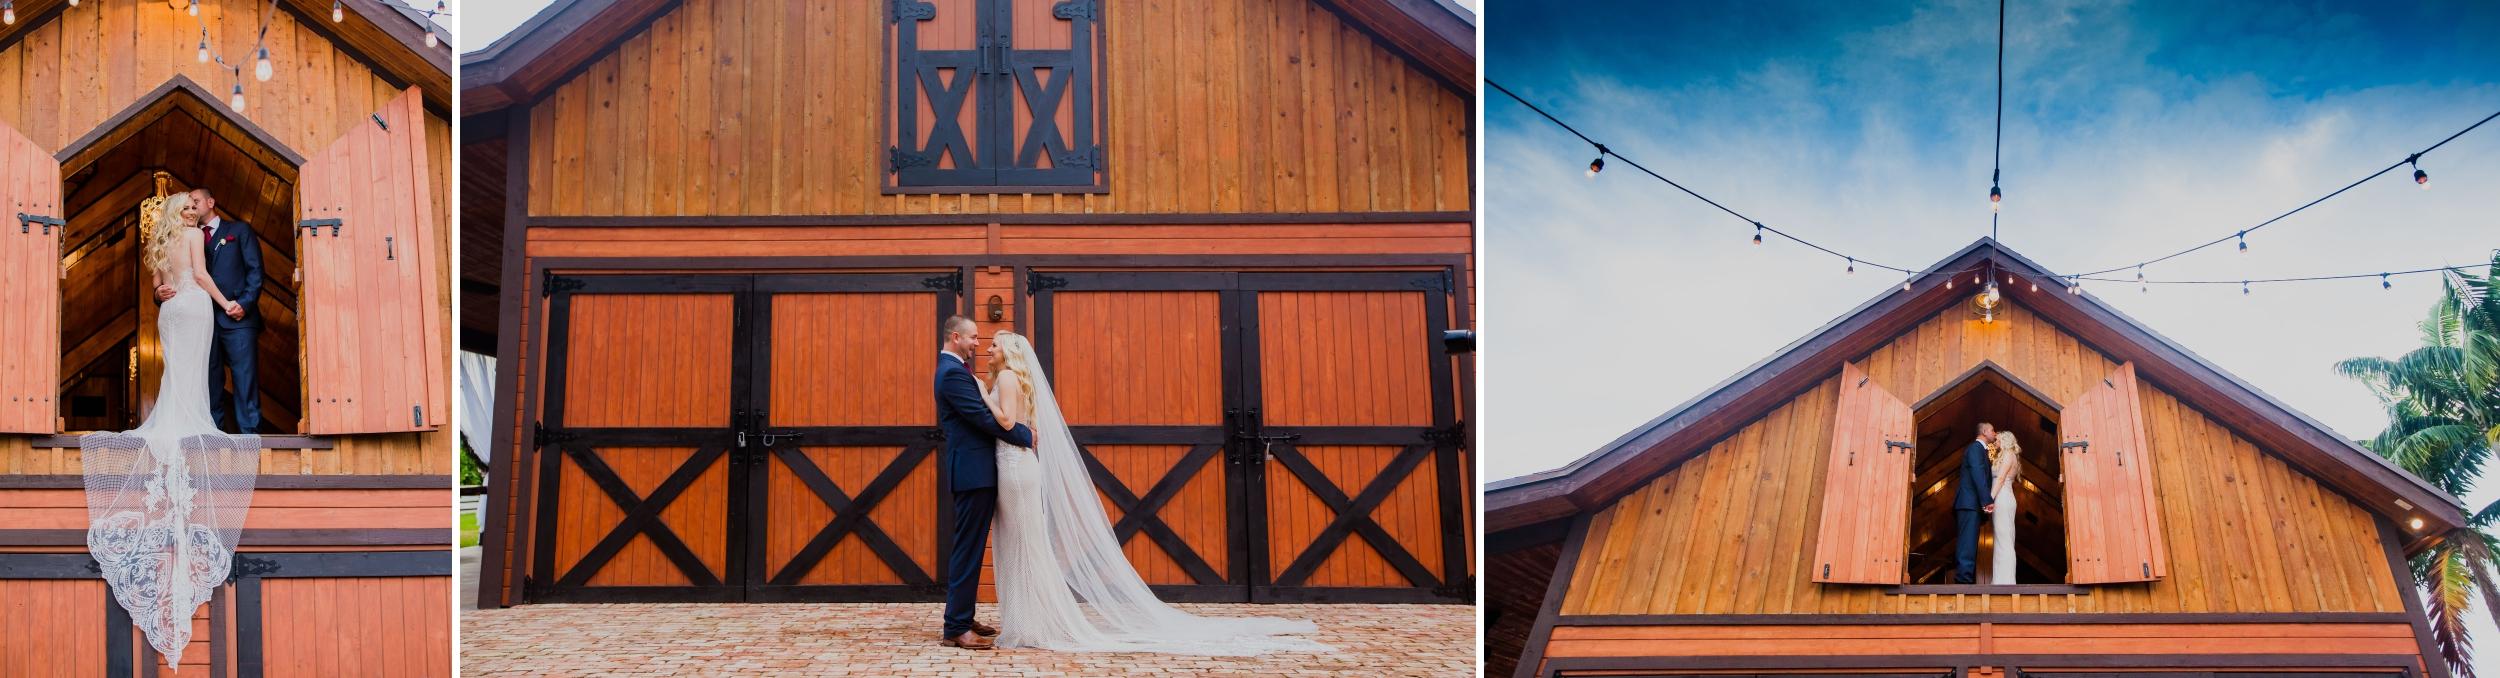 Wedding Redland Farm Life - Santy Martinez Photography 14.jpg